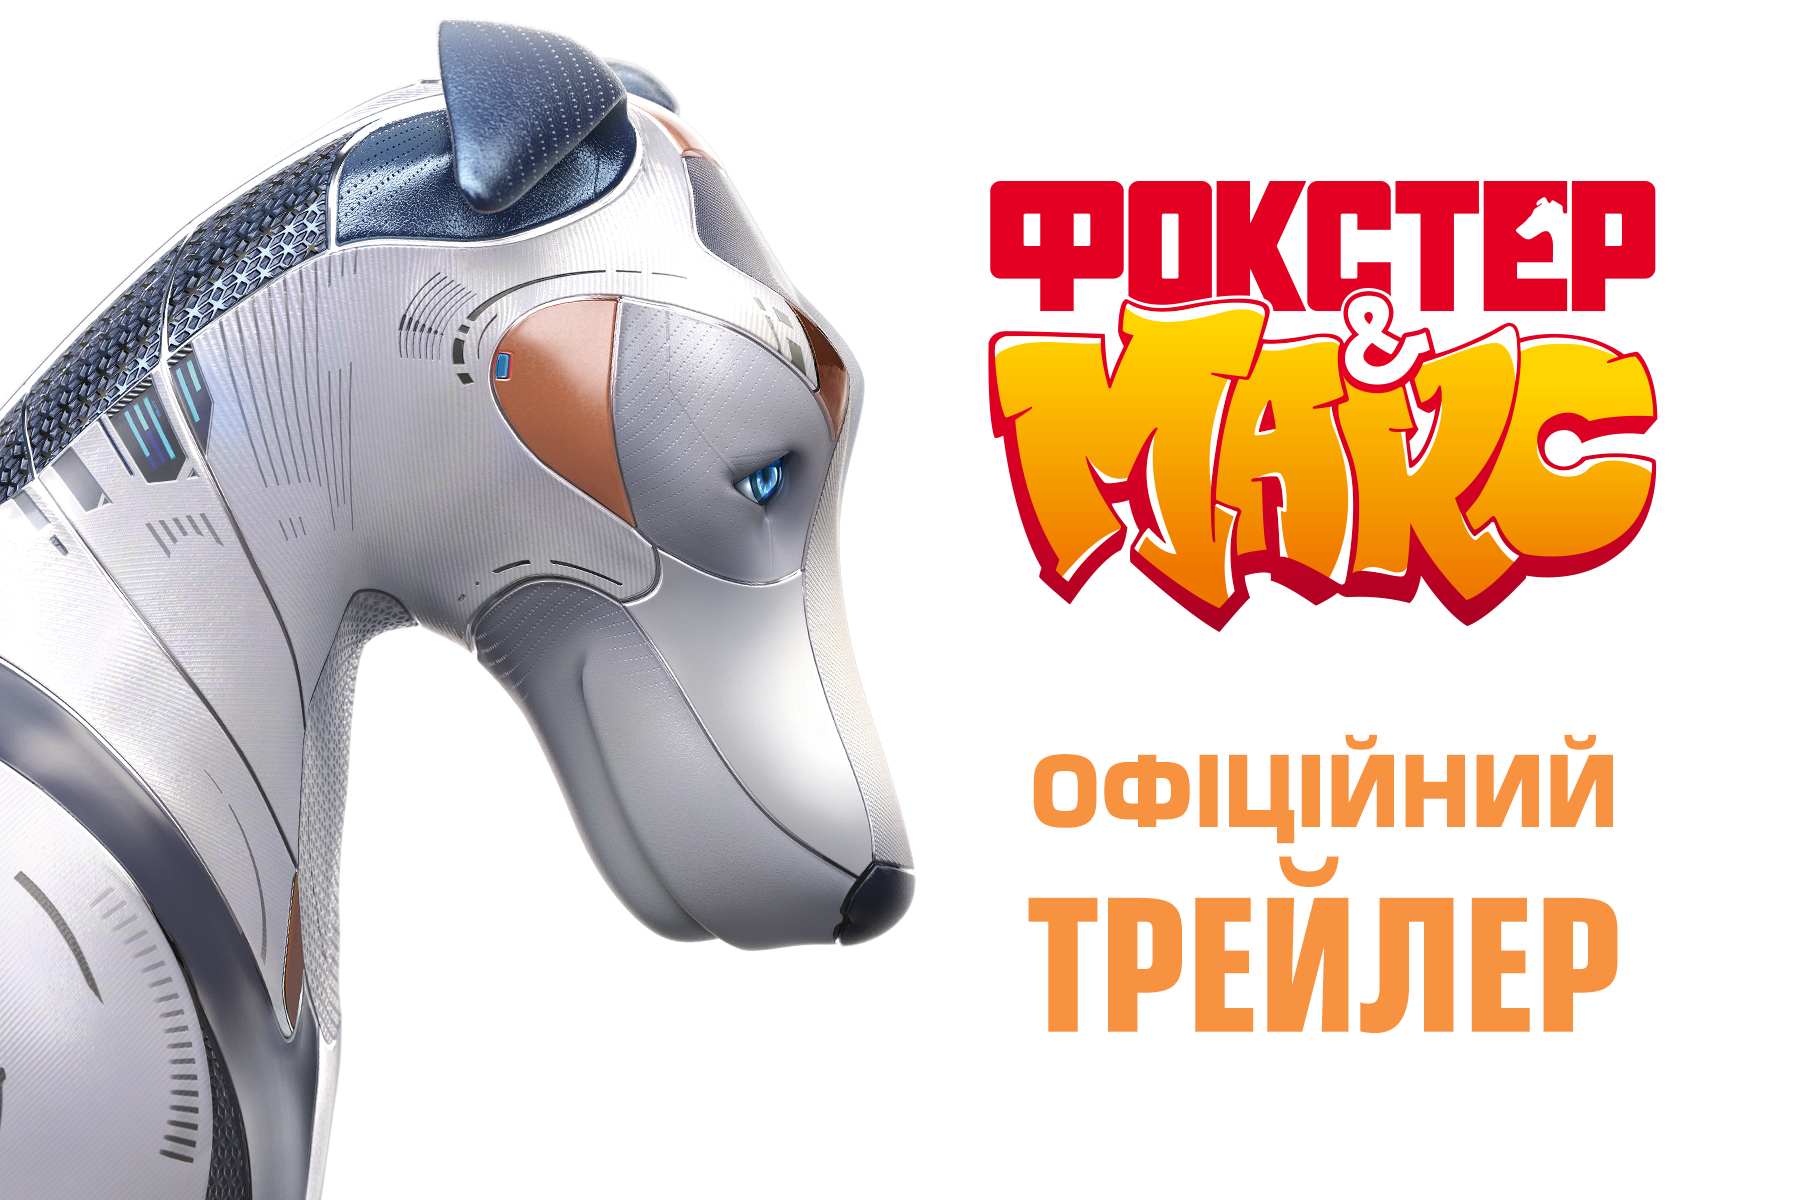 Фокстер & Макс: прем'єра першого офіційного трейлера сімейного фільму